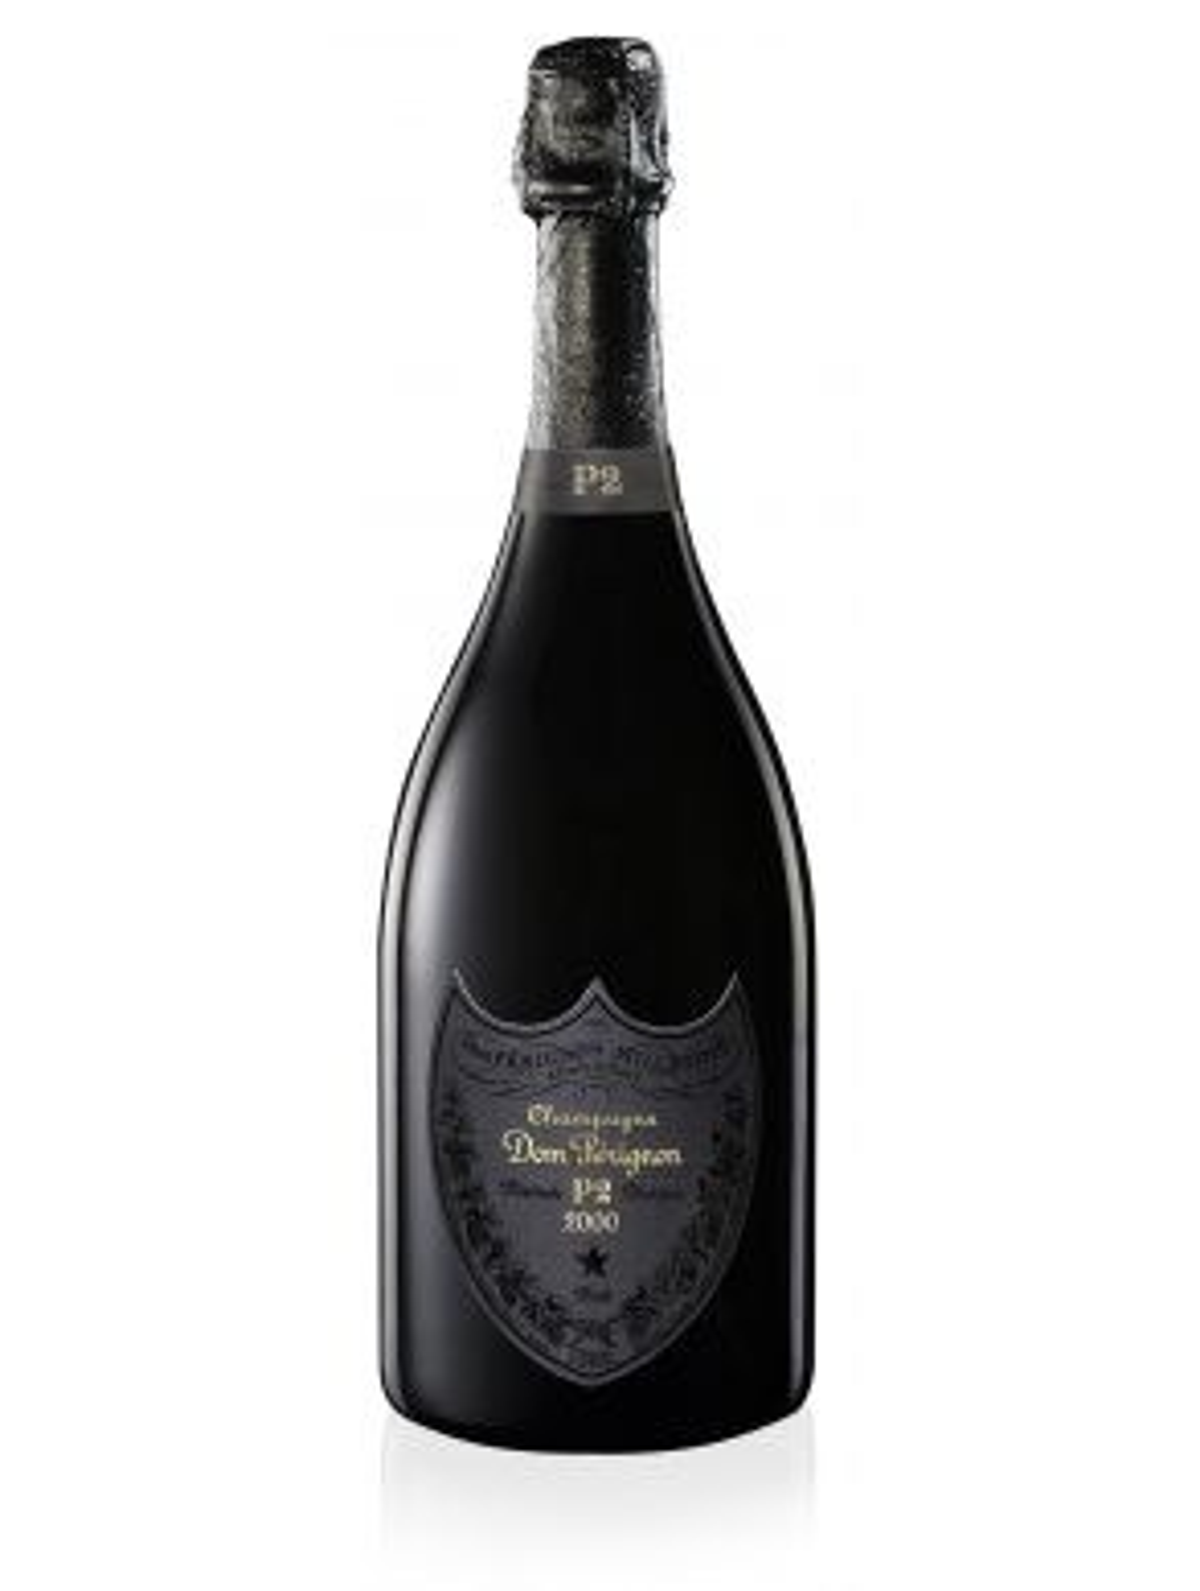 Dom Perignon 2000 Plenitude P2 Vintage Champagne 75cl